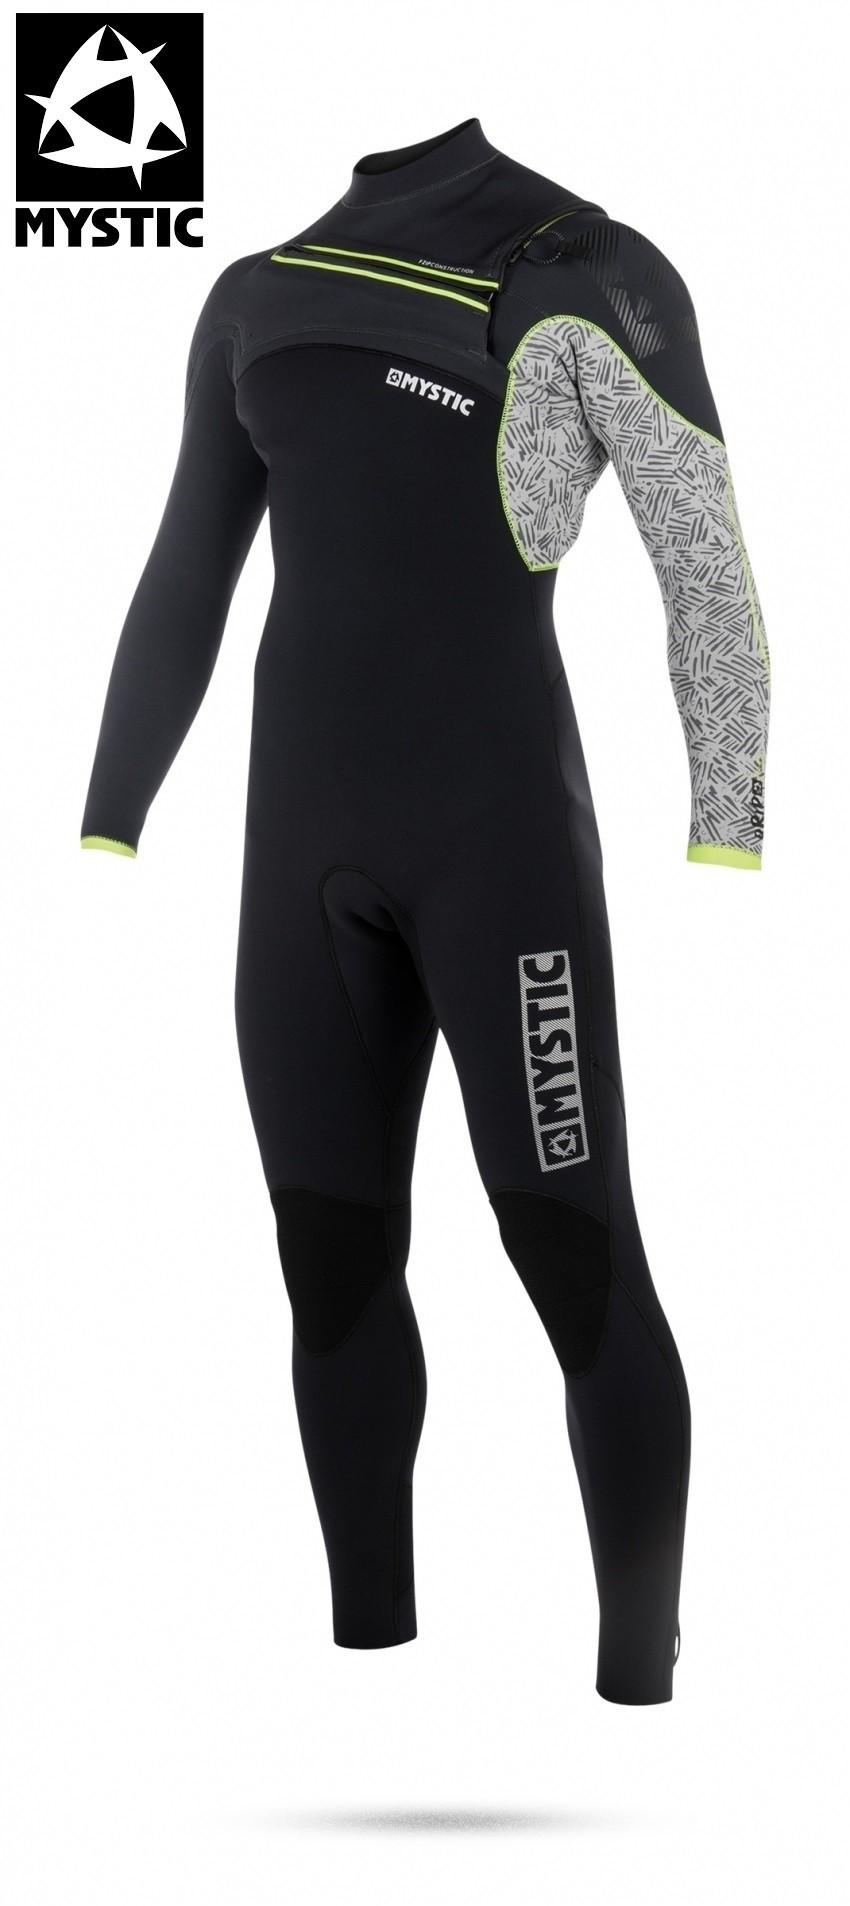 Mystic wetsuit Drip front-zip 4/3